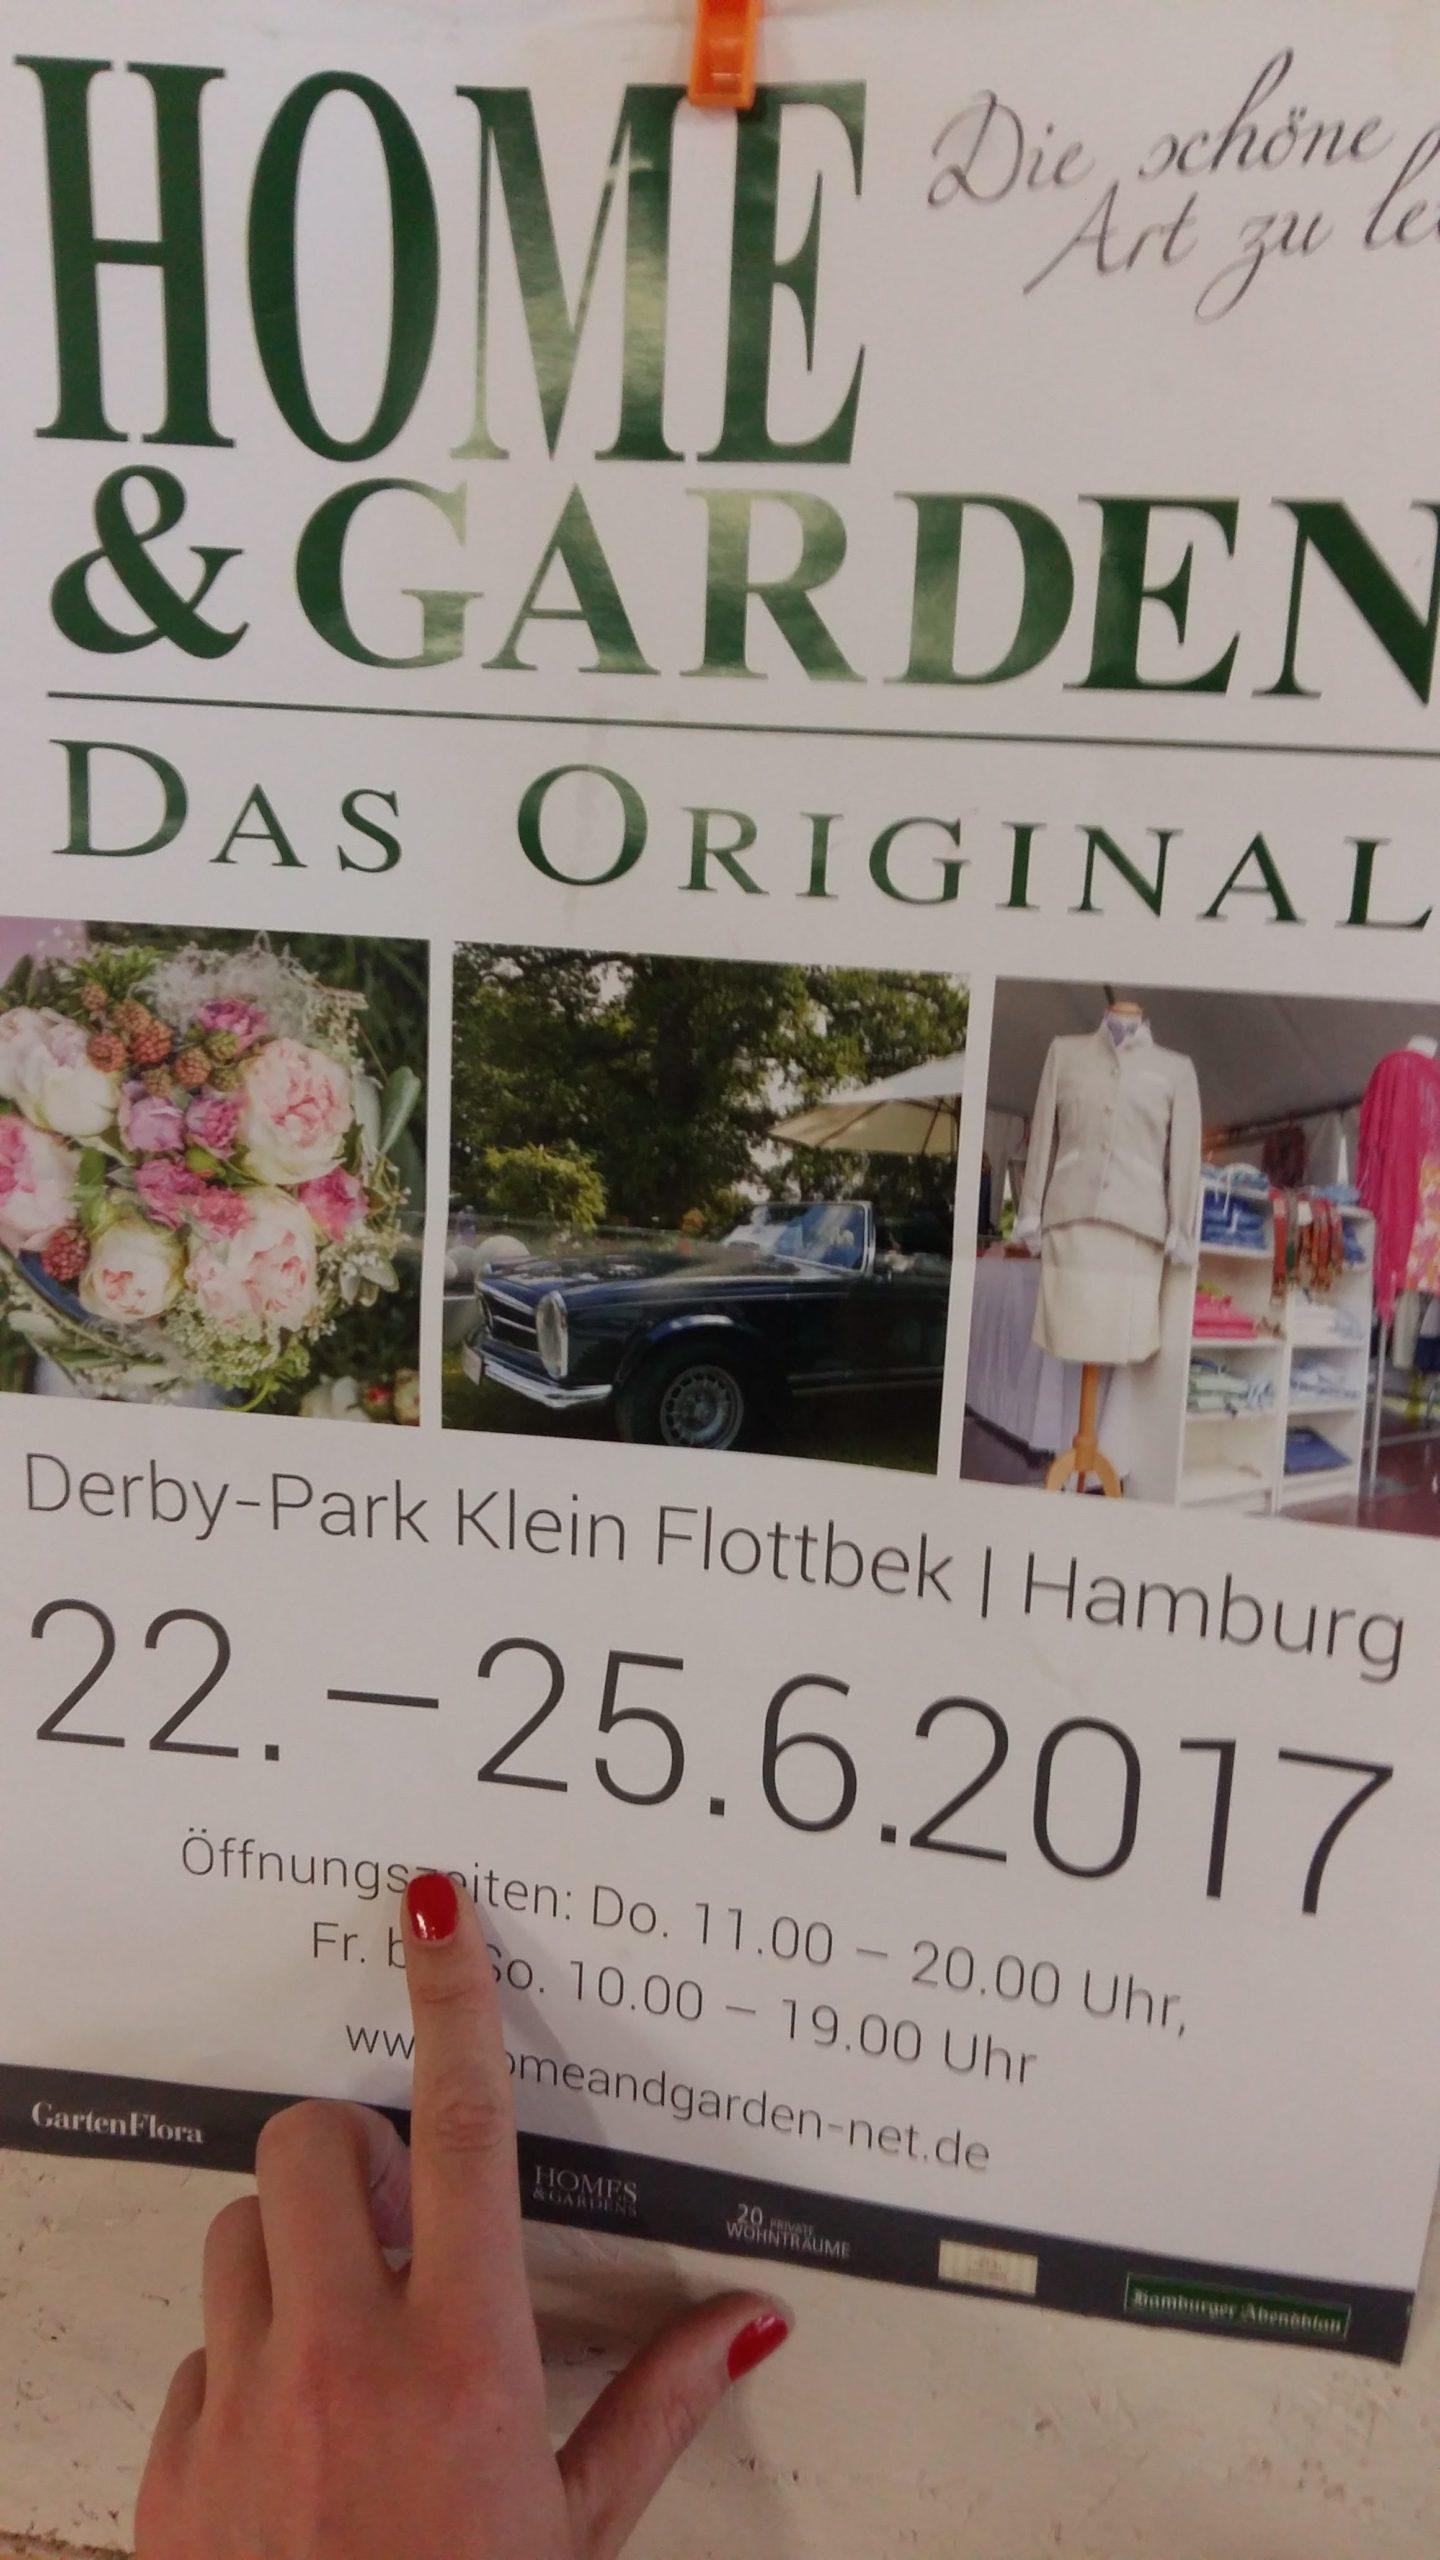 Ausstellung Home & Garden 2017